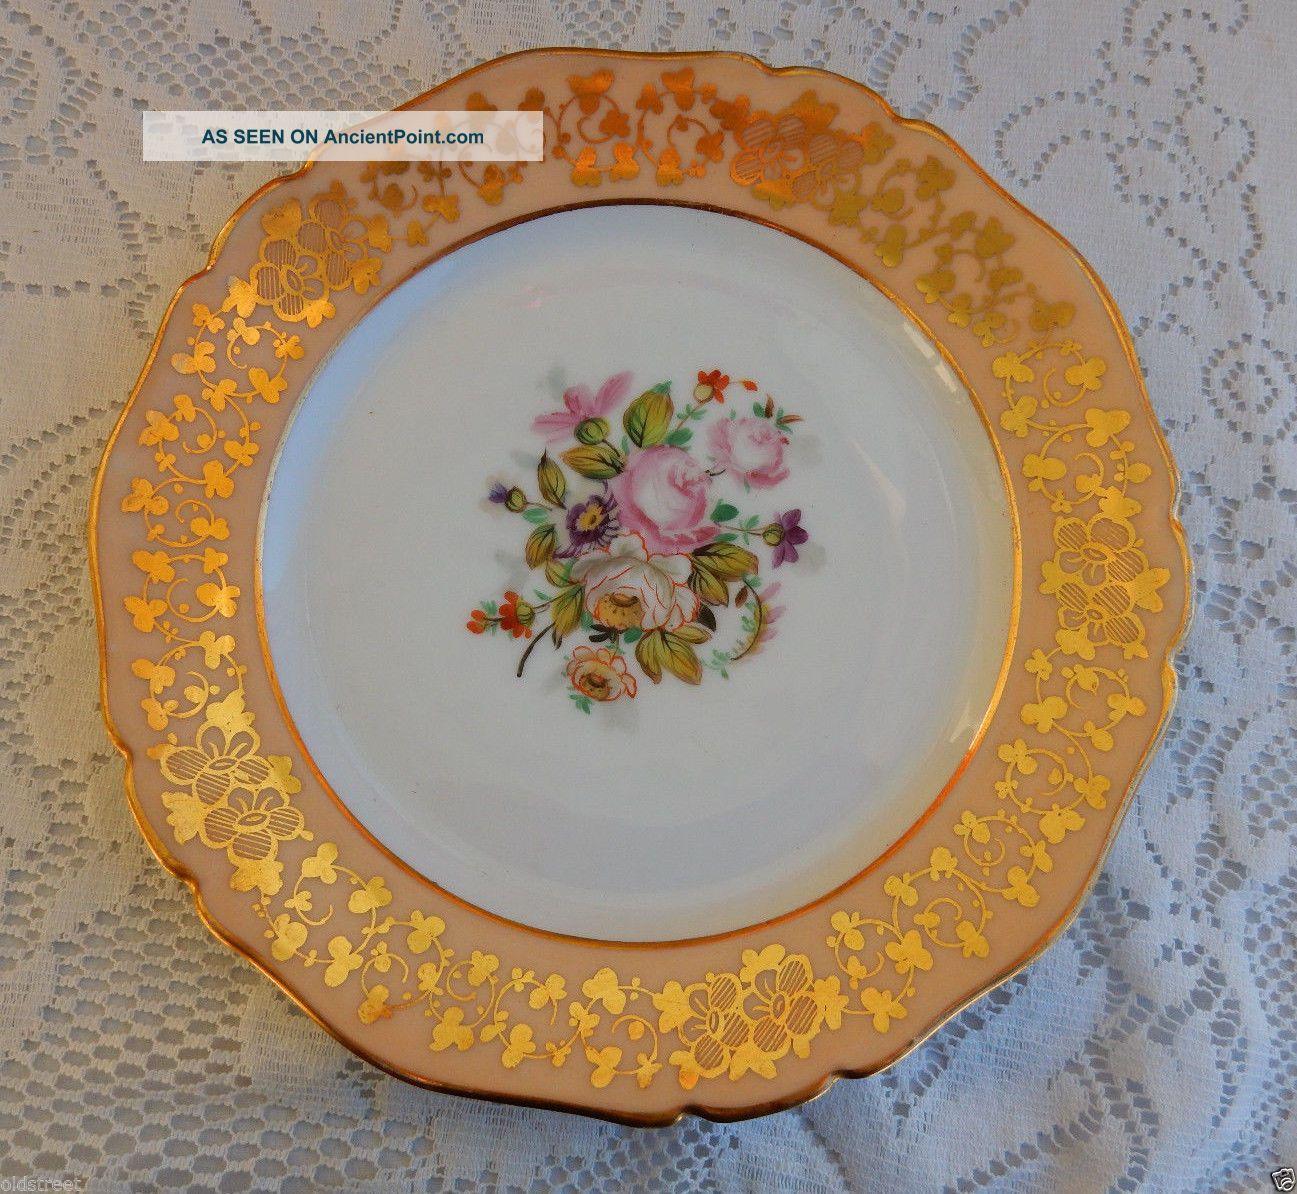 5 Antique Paris Porcelain Plates Peach Bands Hand Painted Flowers Gold Plates & Chargers photo